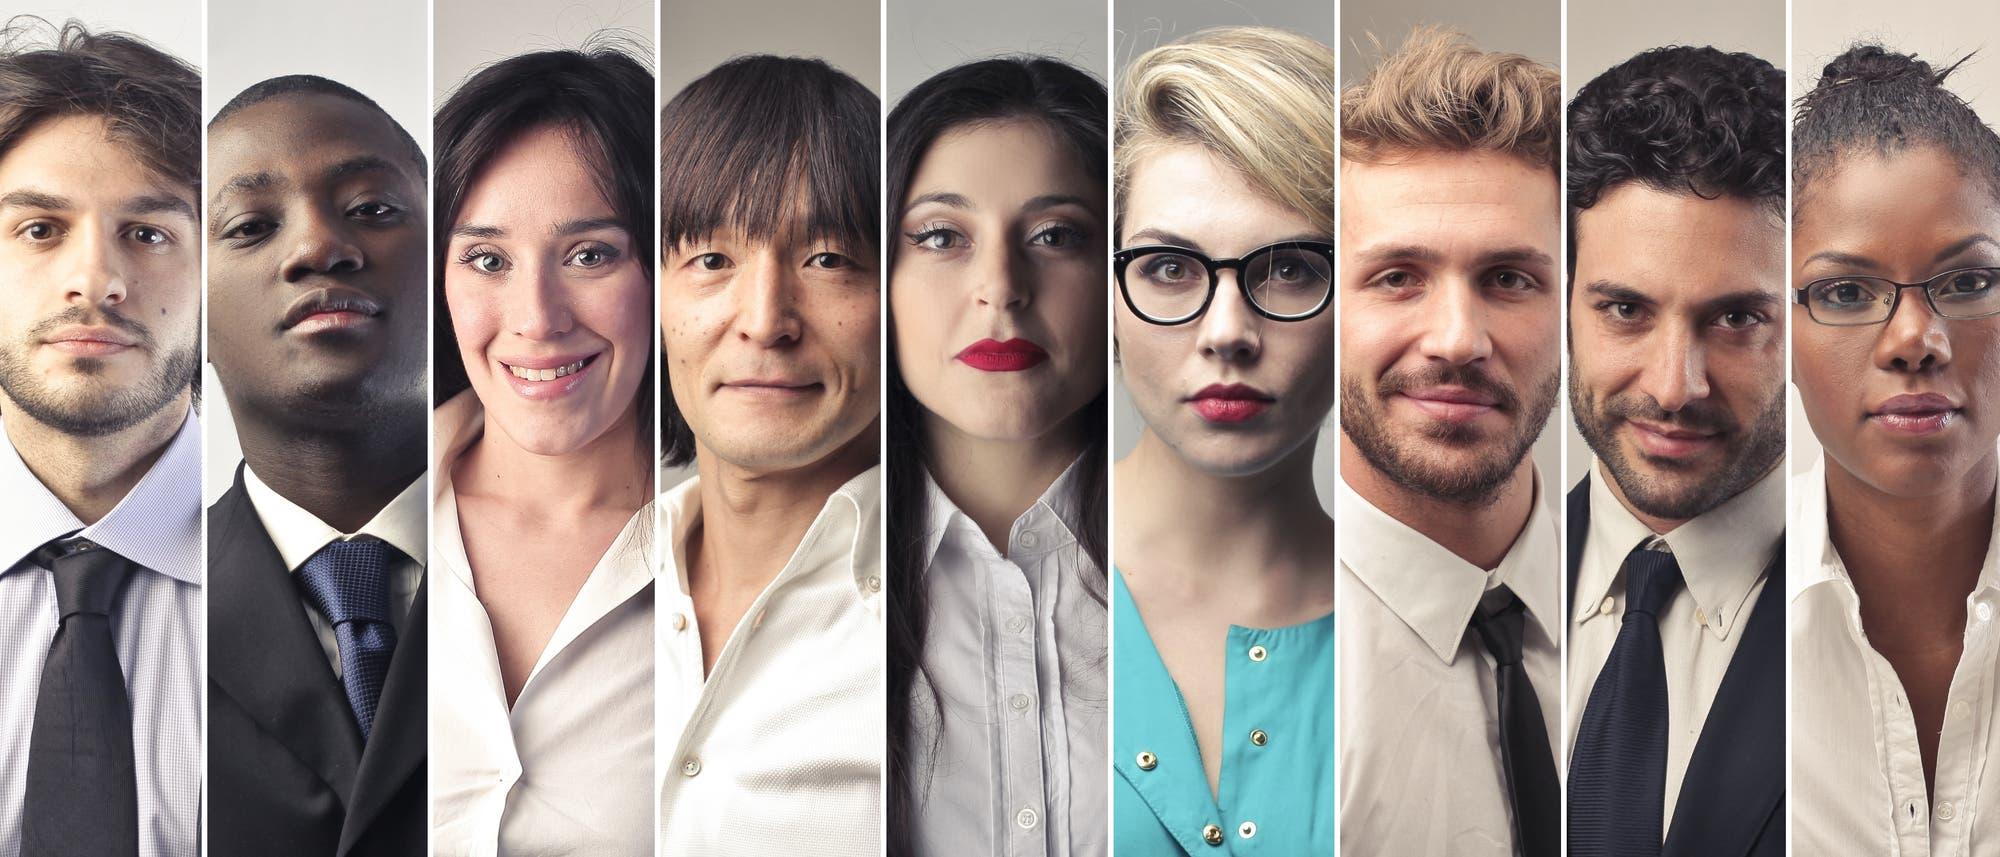 Menschen unterschiedlicher Herkunft und Hautfarbe